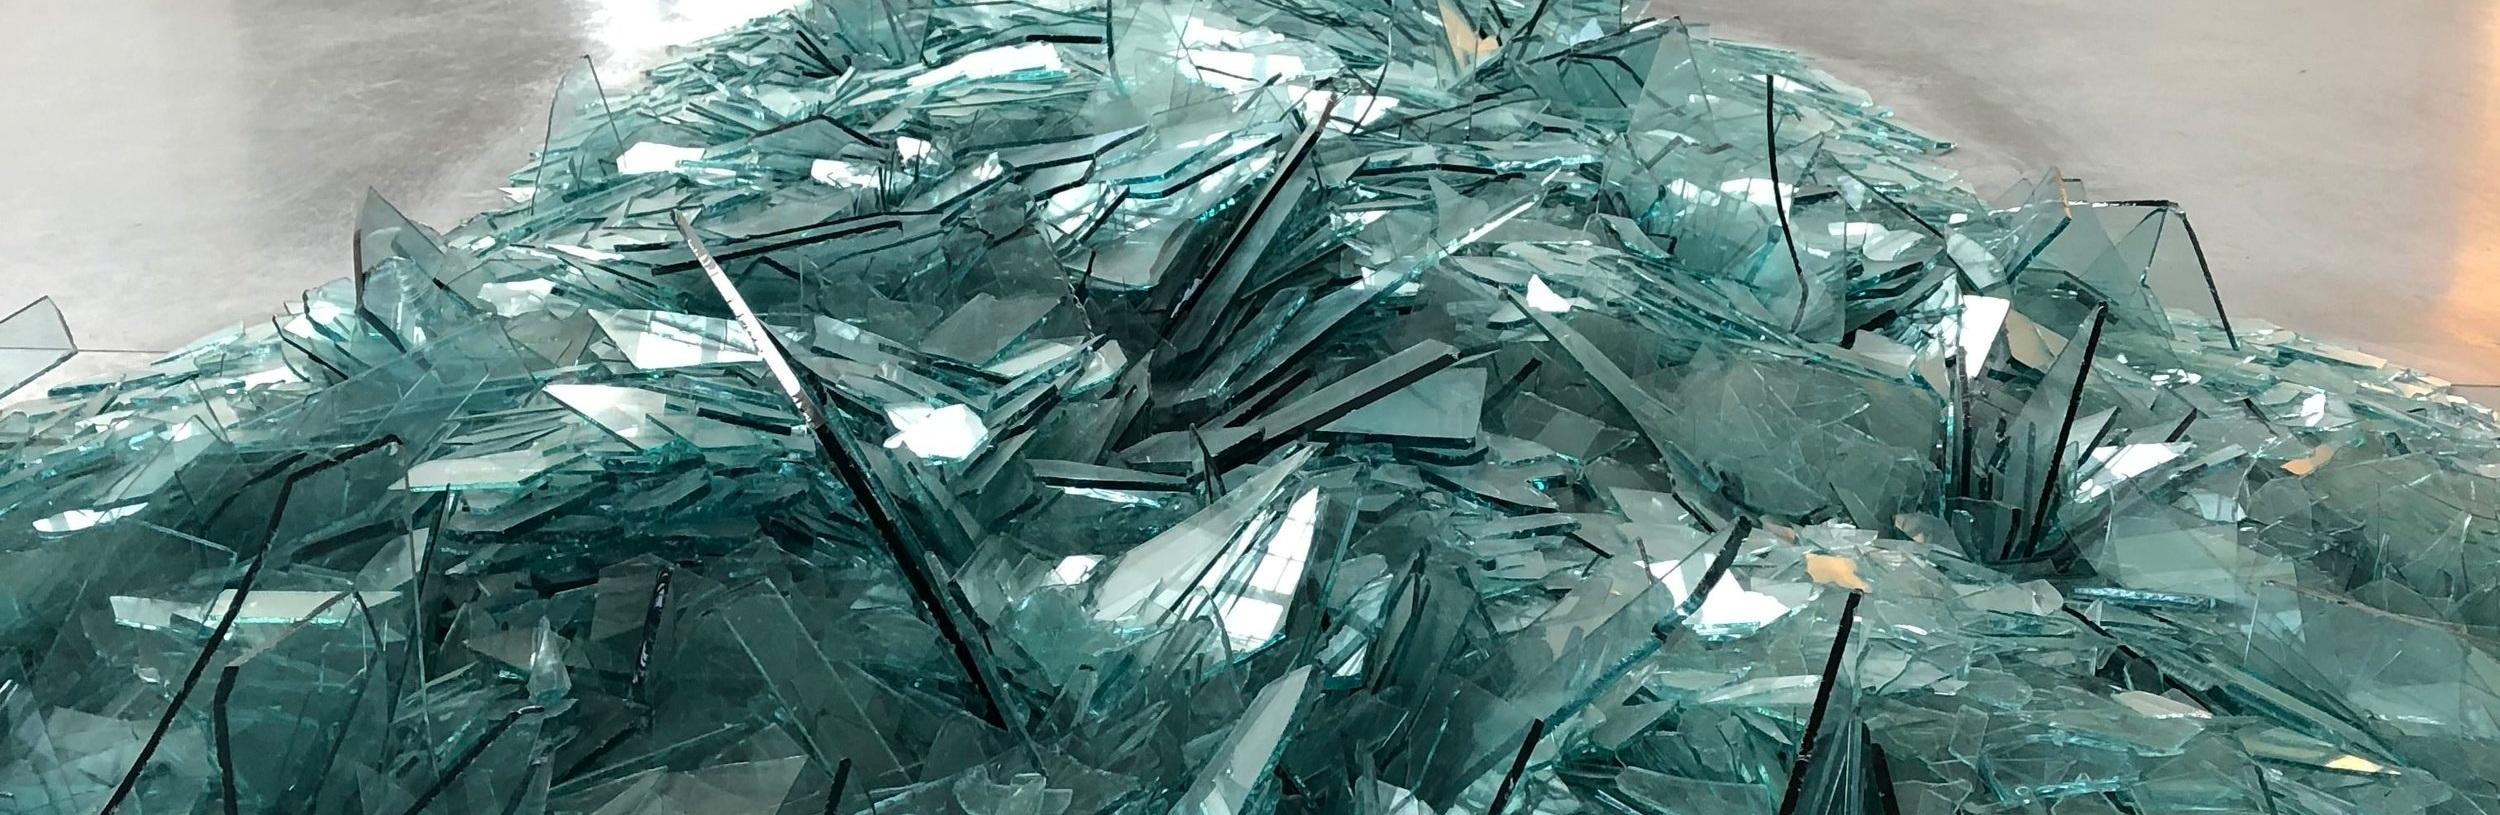 Map of Broken Glass (Atlantis)  by  Robert Smithson as seen at DIA: Beacon